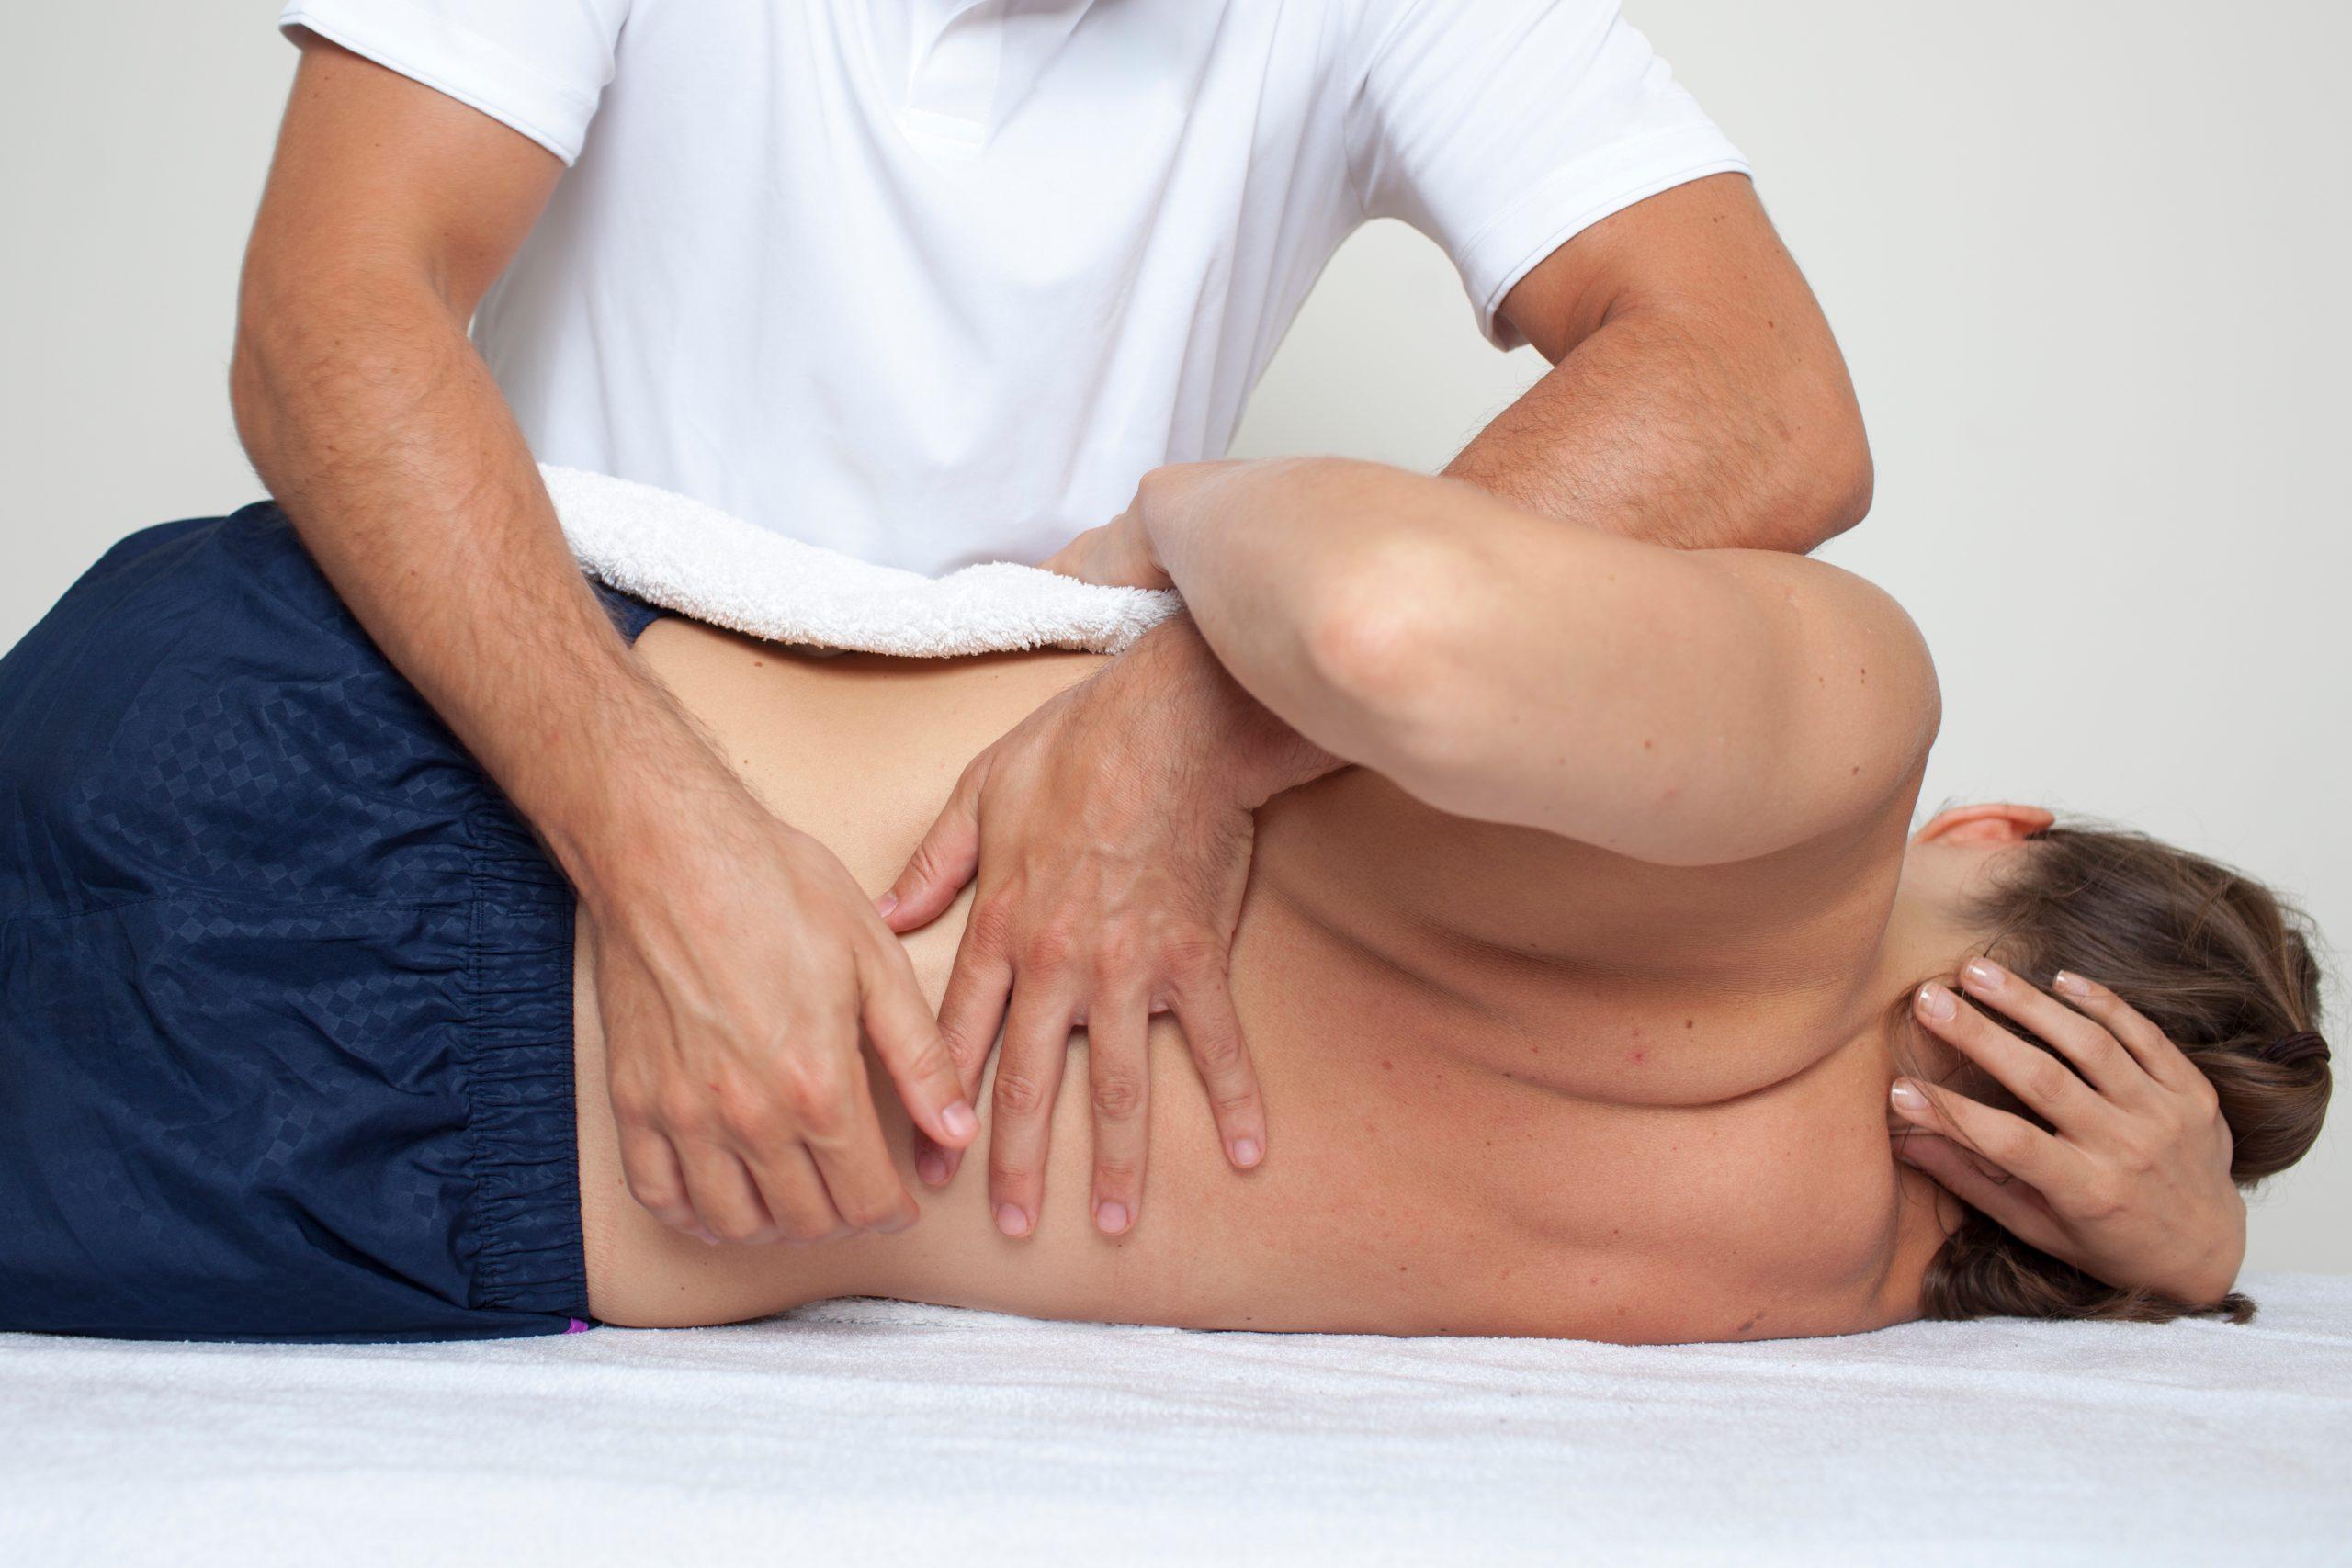 chiropractors are legitimate